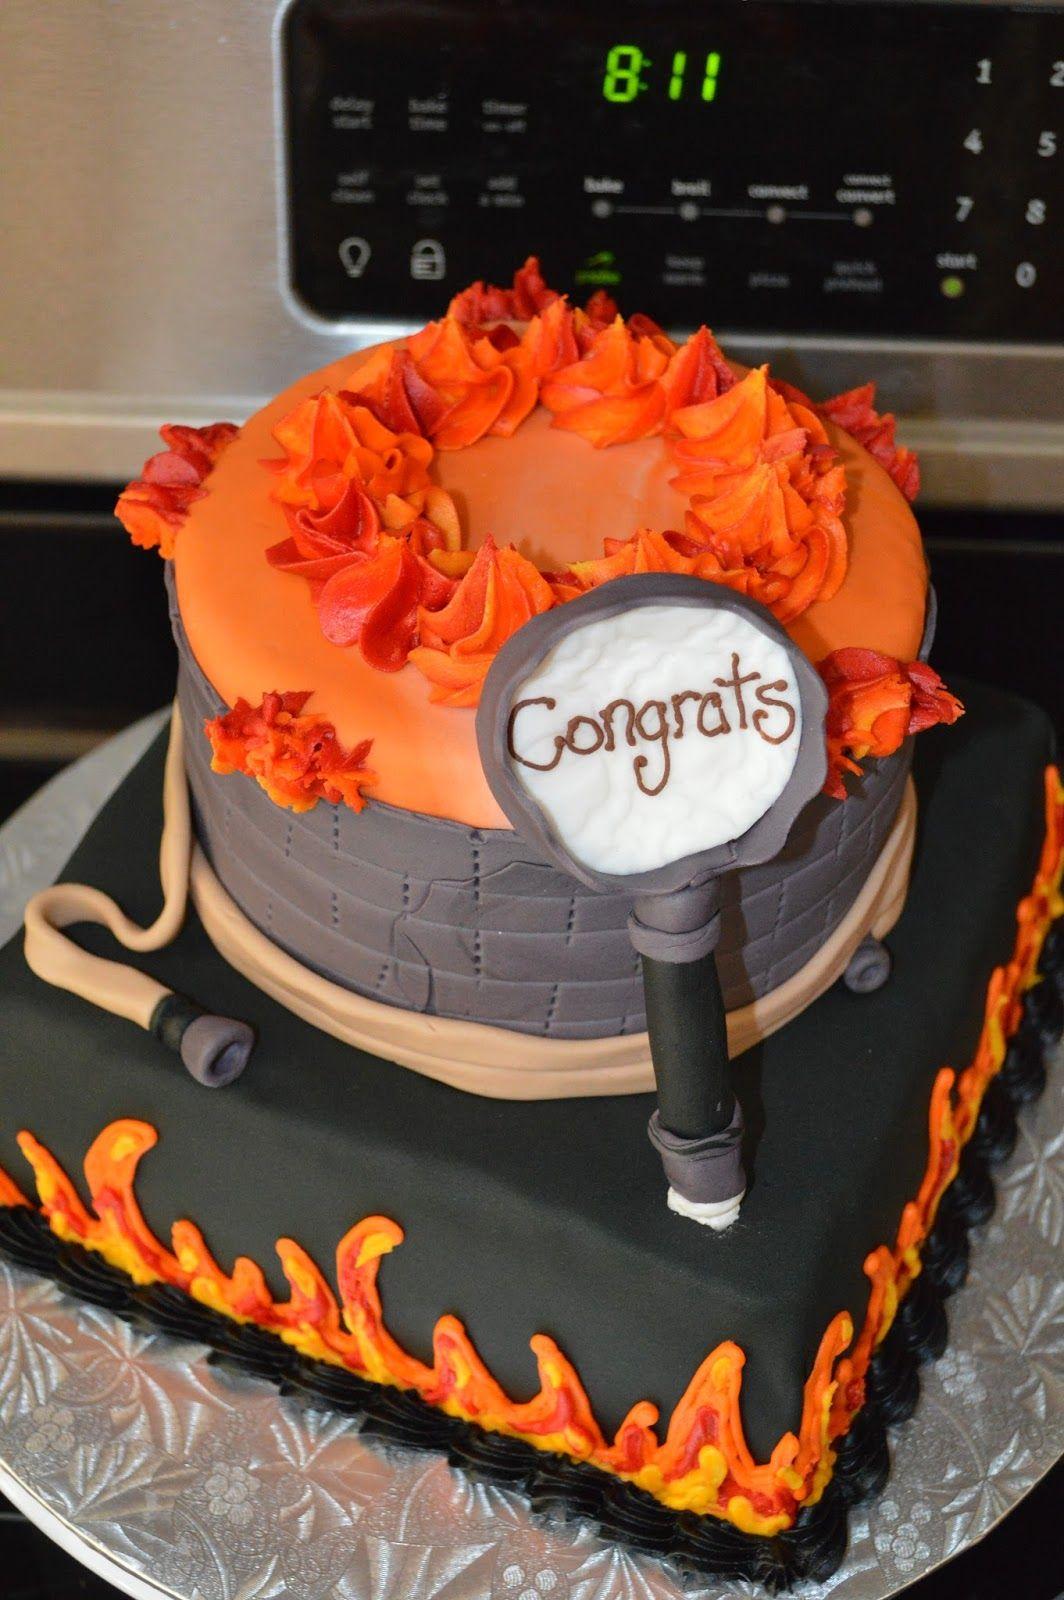 New Job Congratulations Cake Congratulations Cake No Bake Cake